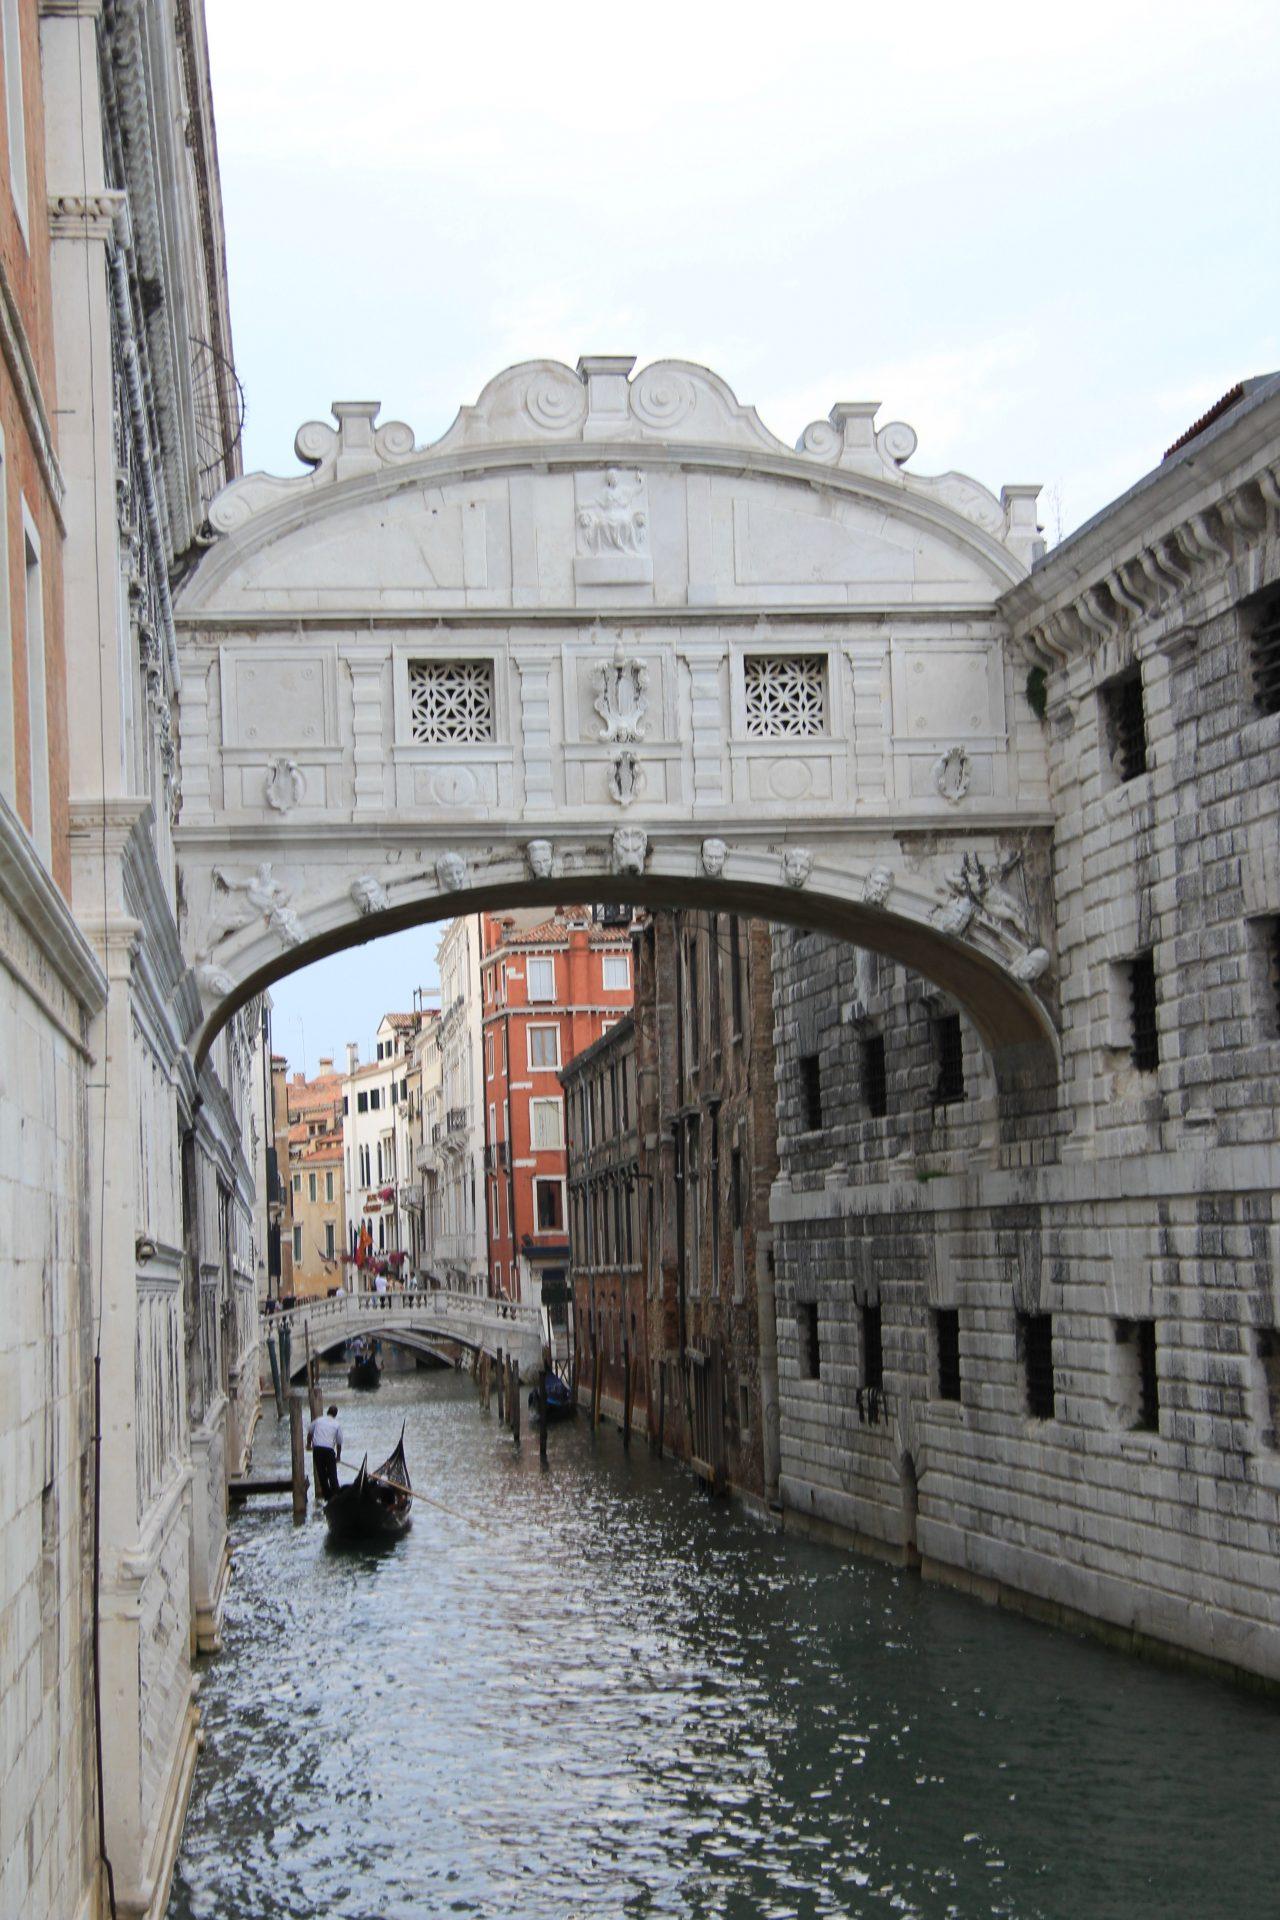 Мост Вздохов, Венеция, Италия. Июль, 2012